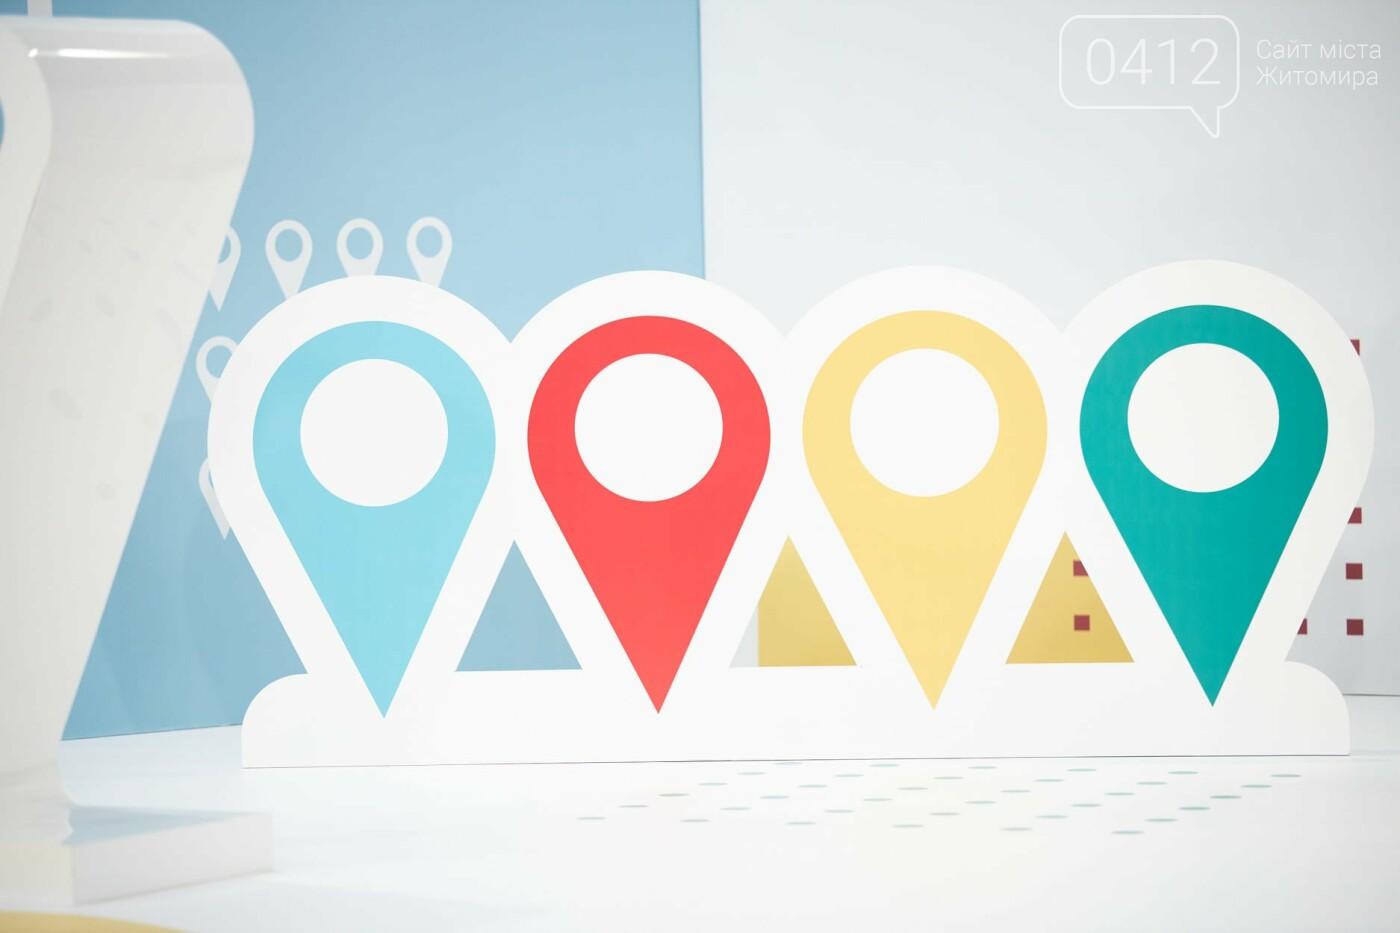 Житомир отримав відзнаку «Краща ініціатива» всеукраїнського флешмобу «Змінюю Місто», фото-3